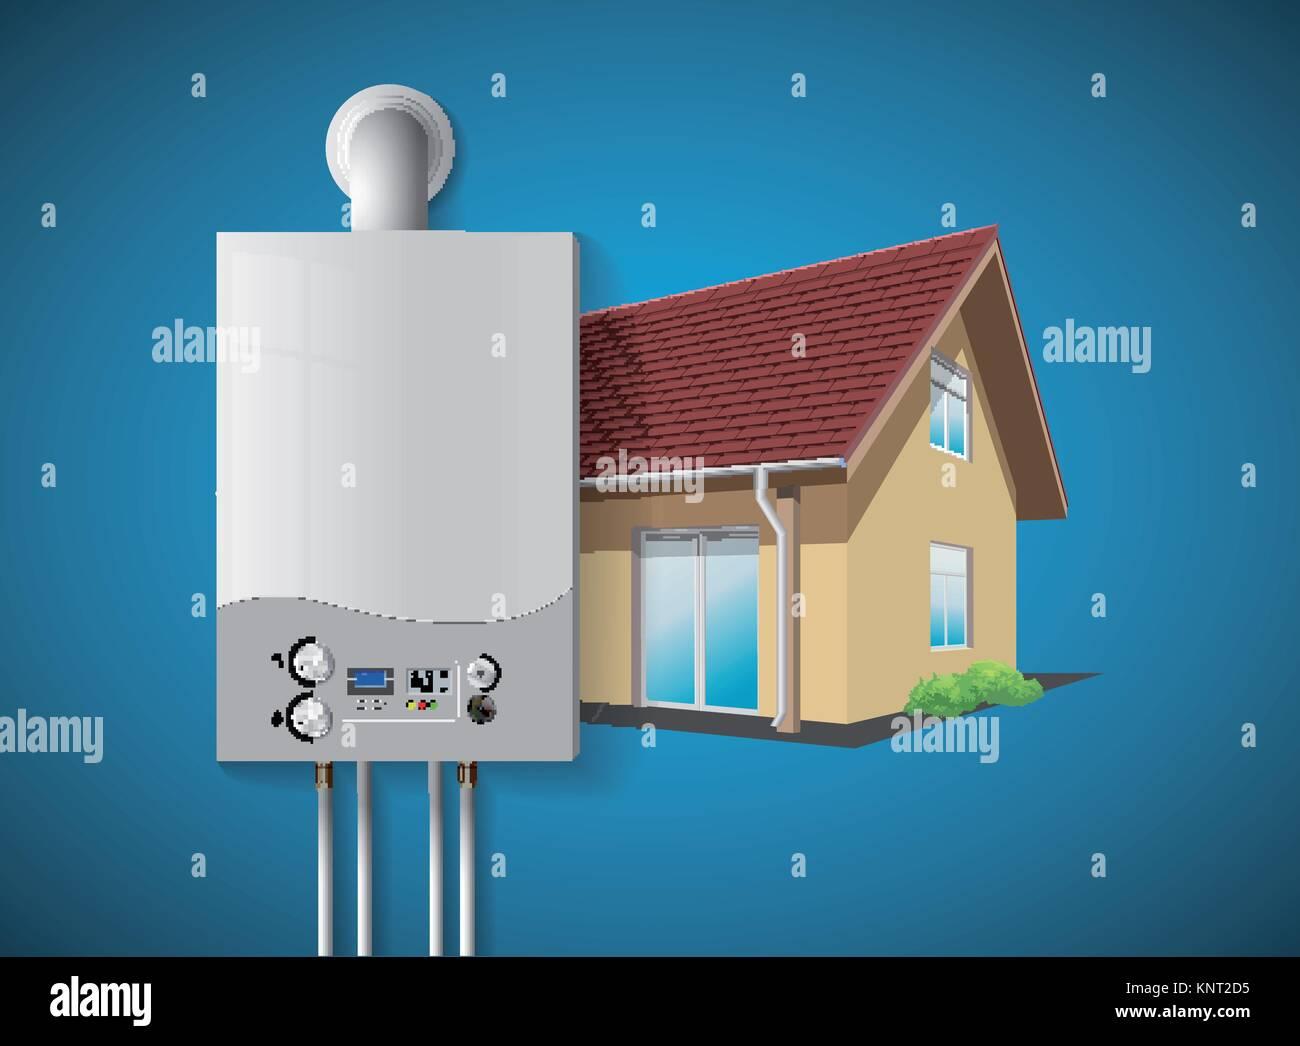 Haus Heizung Konzept   Moderne Home Gas Heizkessel   Energie Und Geld  Sparen   Lager Abbildung